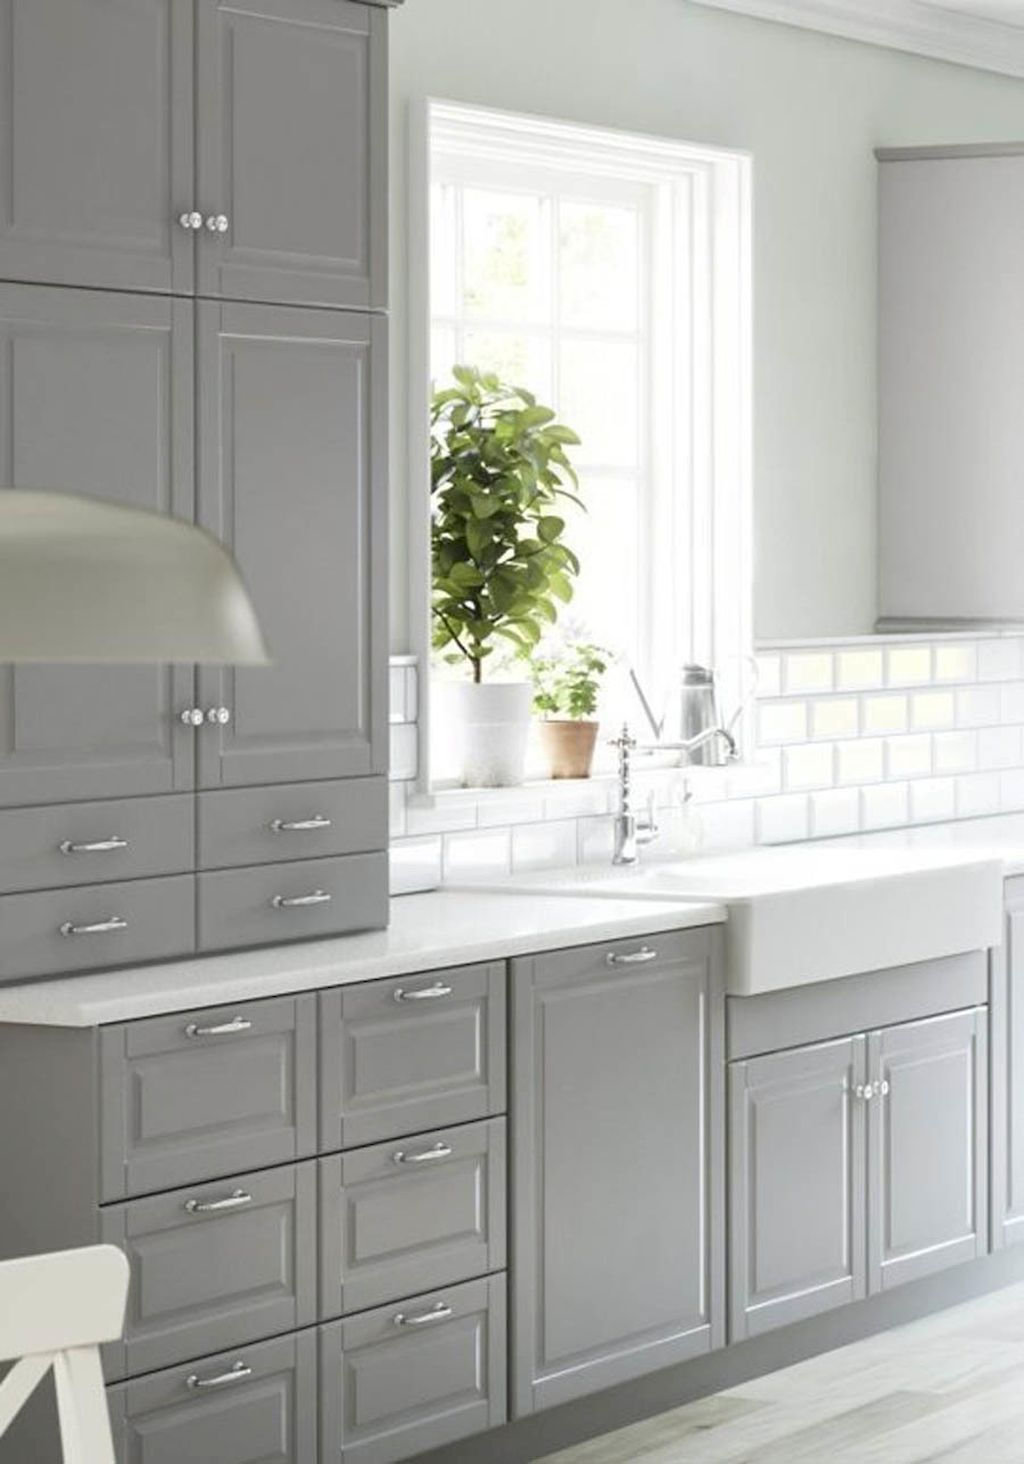 Küchenschrank ideen kleine küchen  awesome gray kitchen cabinet design ideas  häuschen  pinterest